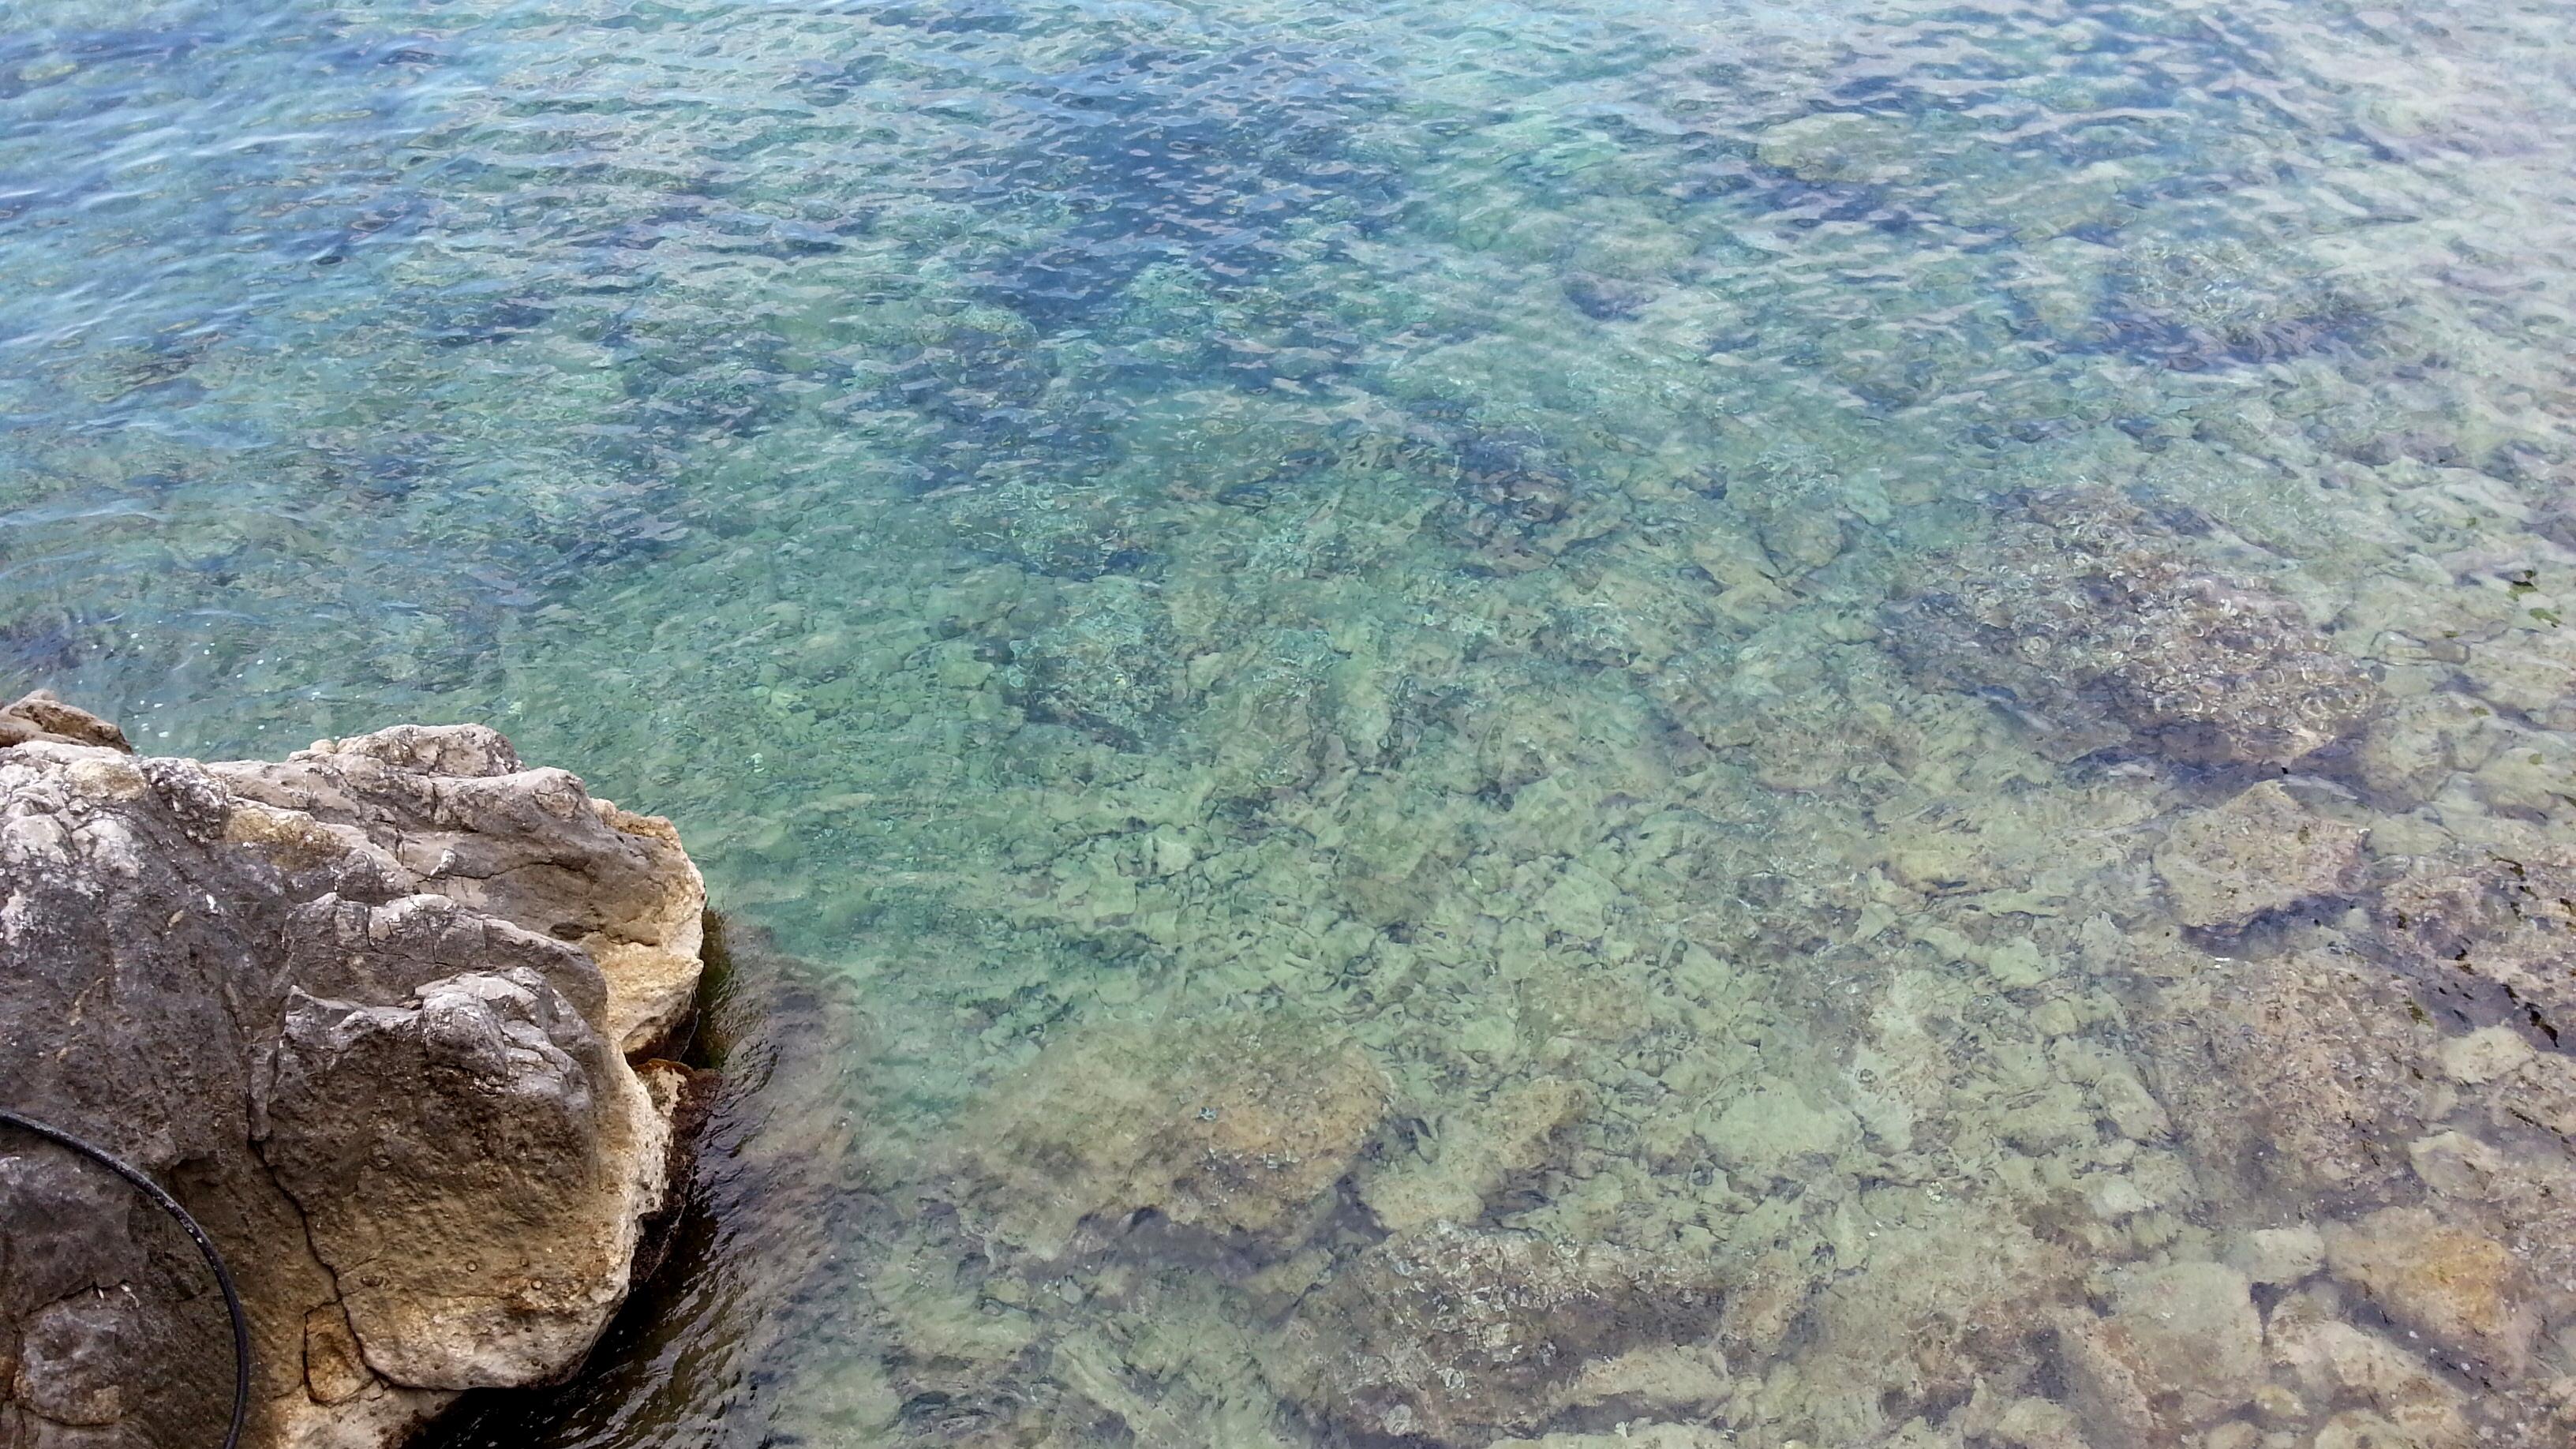 Вода в Адриатическом море. Глубина метра два вверху снимка.